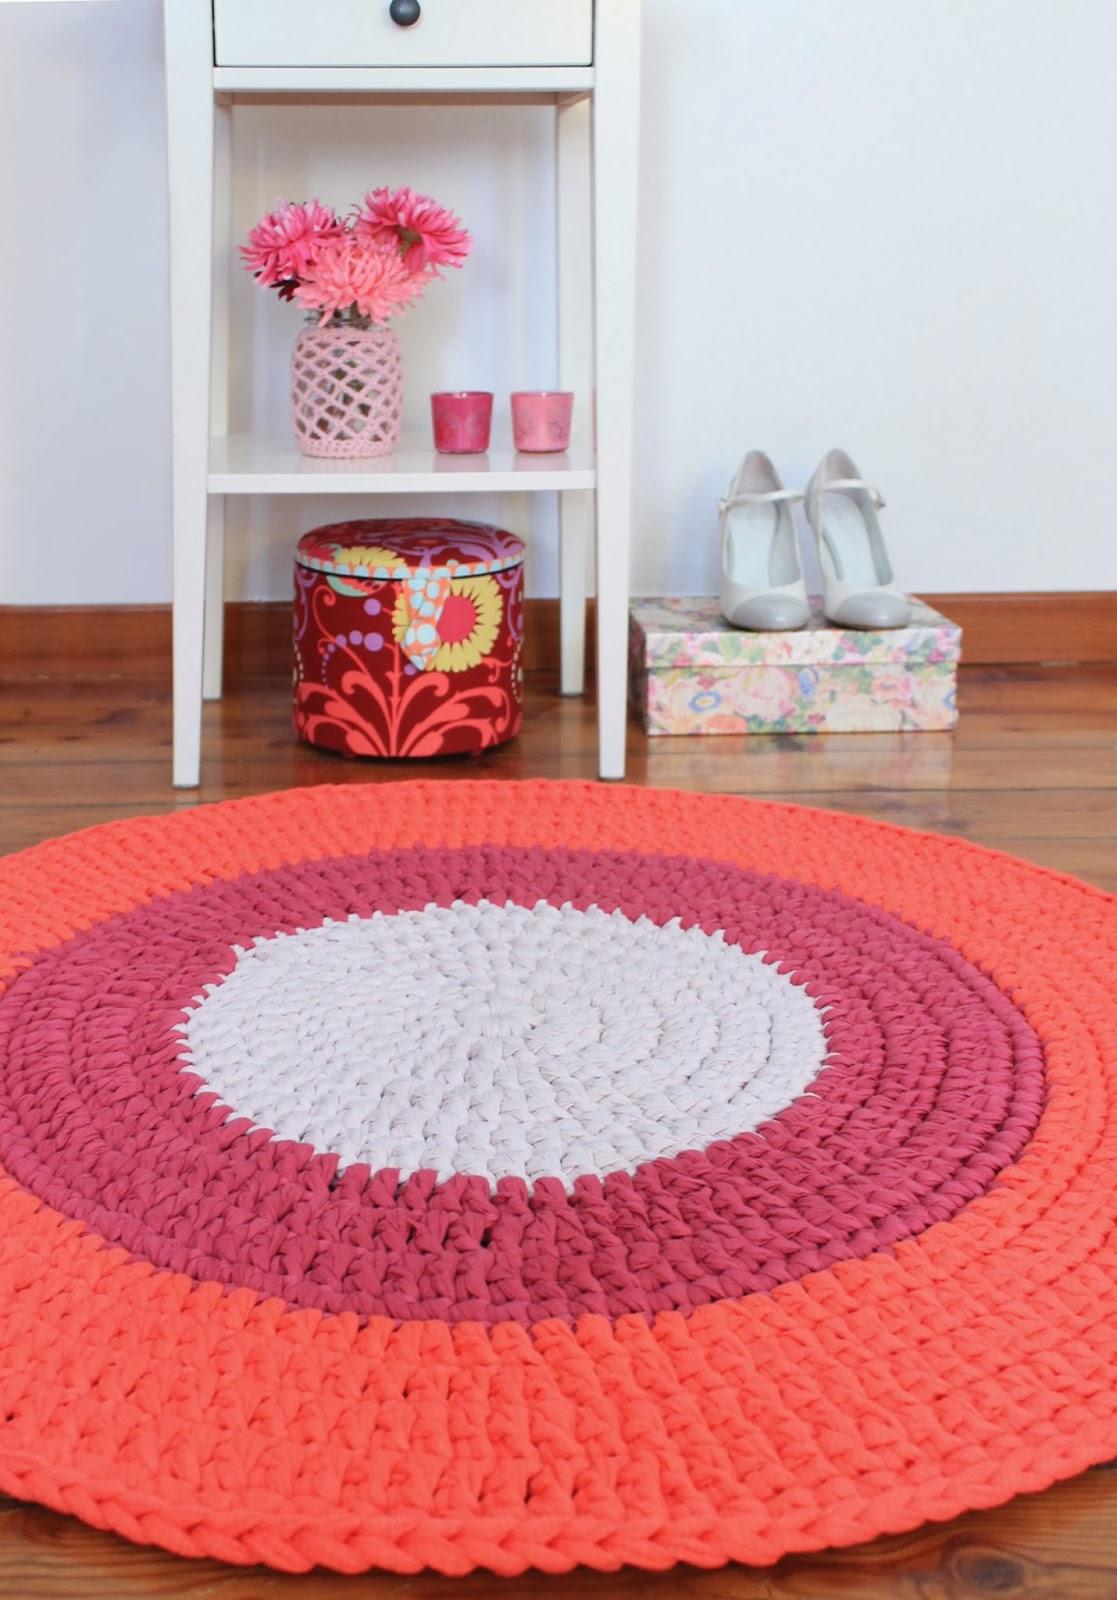 Favoloso Lorendesign: Nuovi tappeti crochet nella mia casa CO89